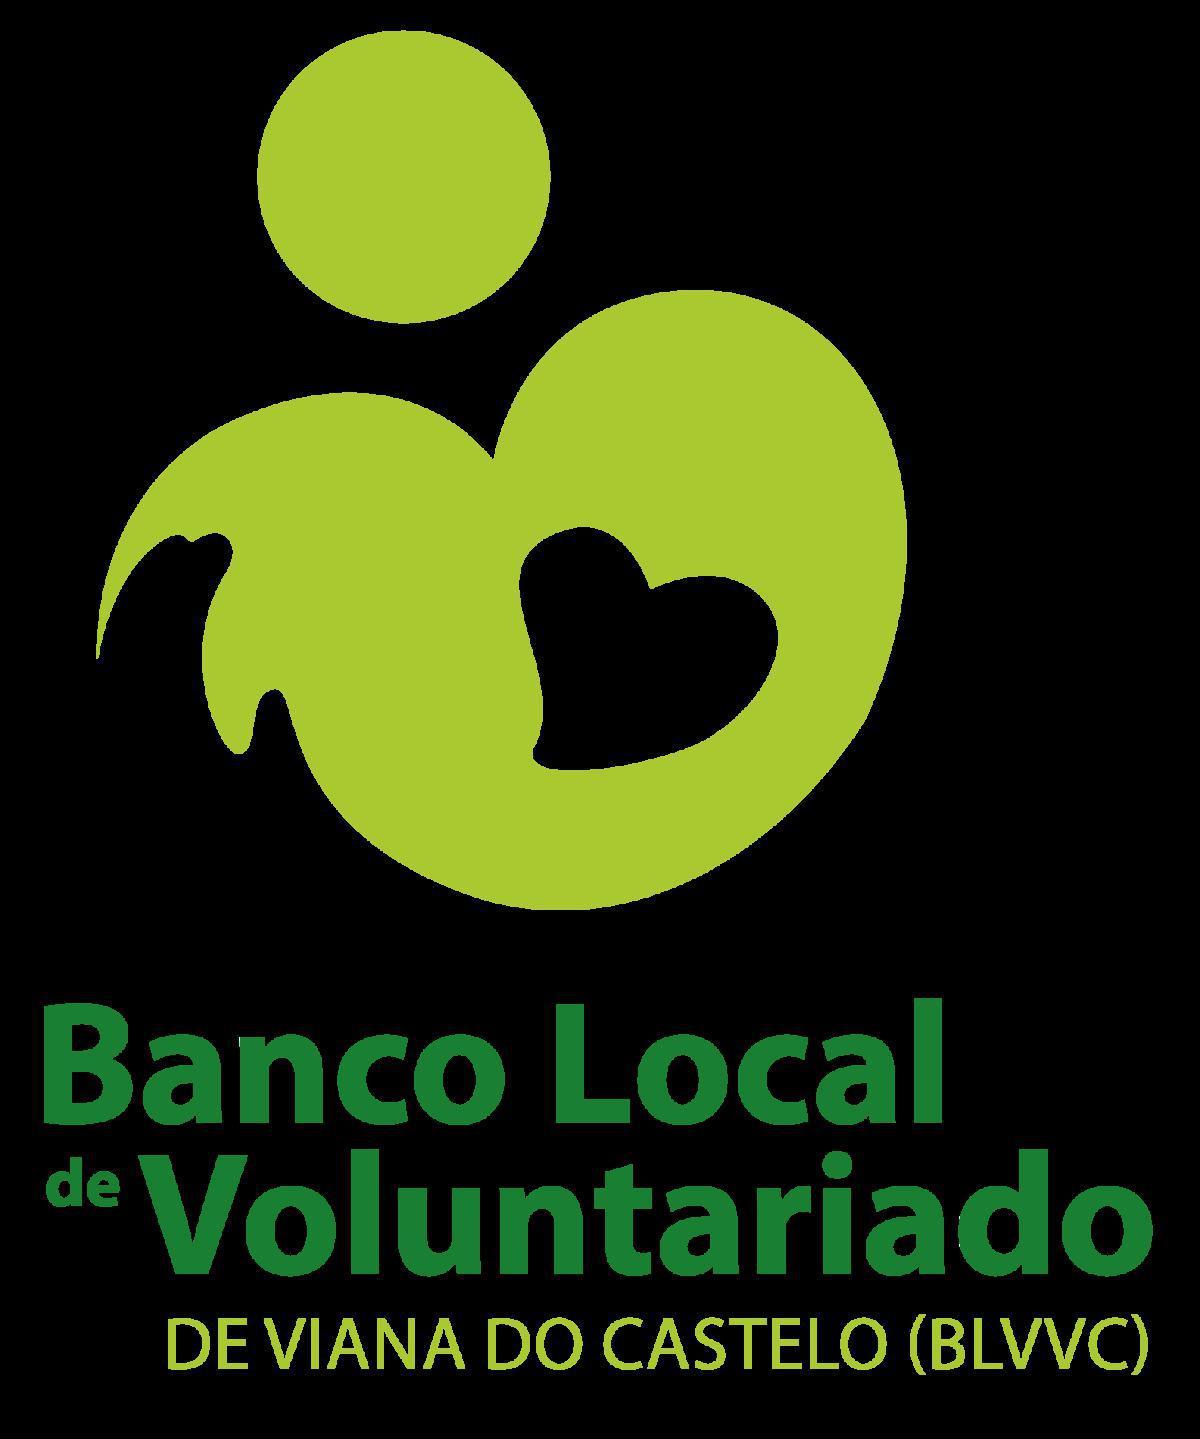 Banco Local de Voluntariado de Viana do Castelo